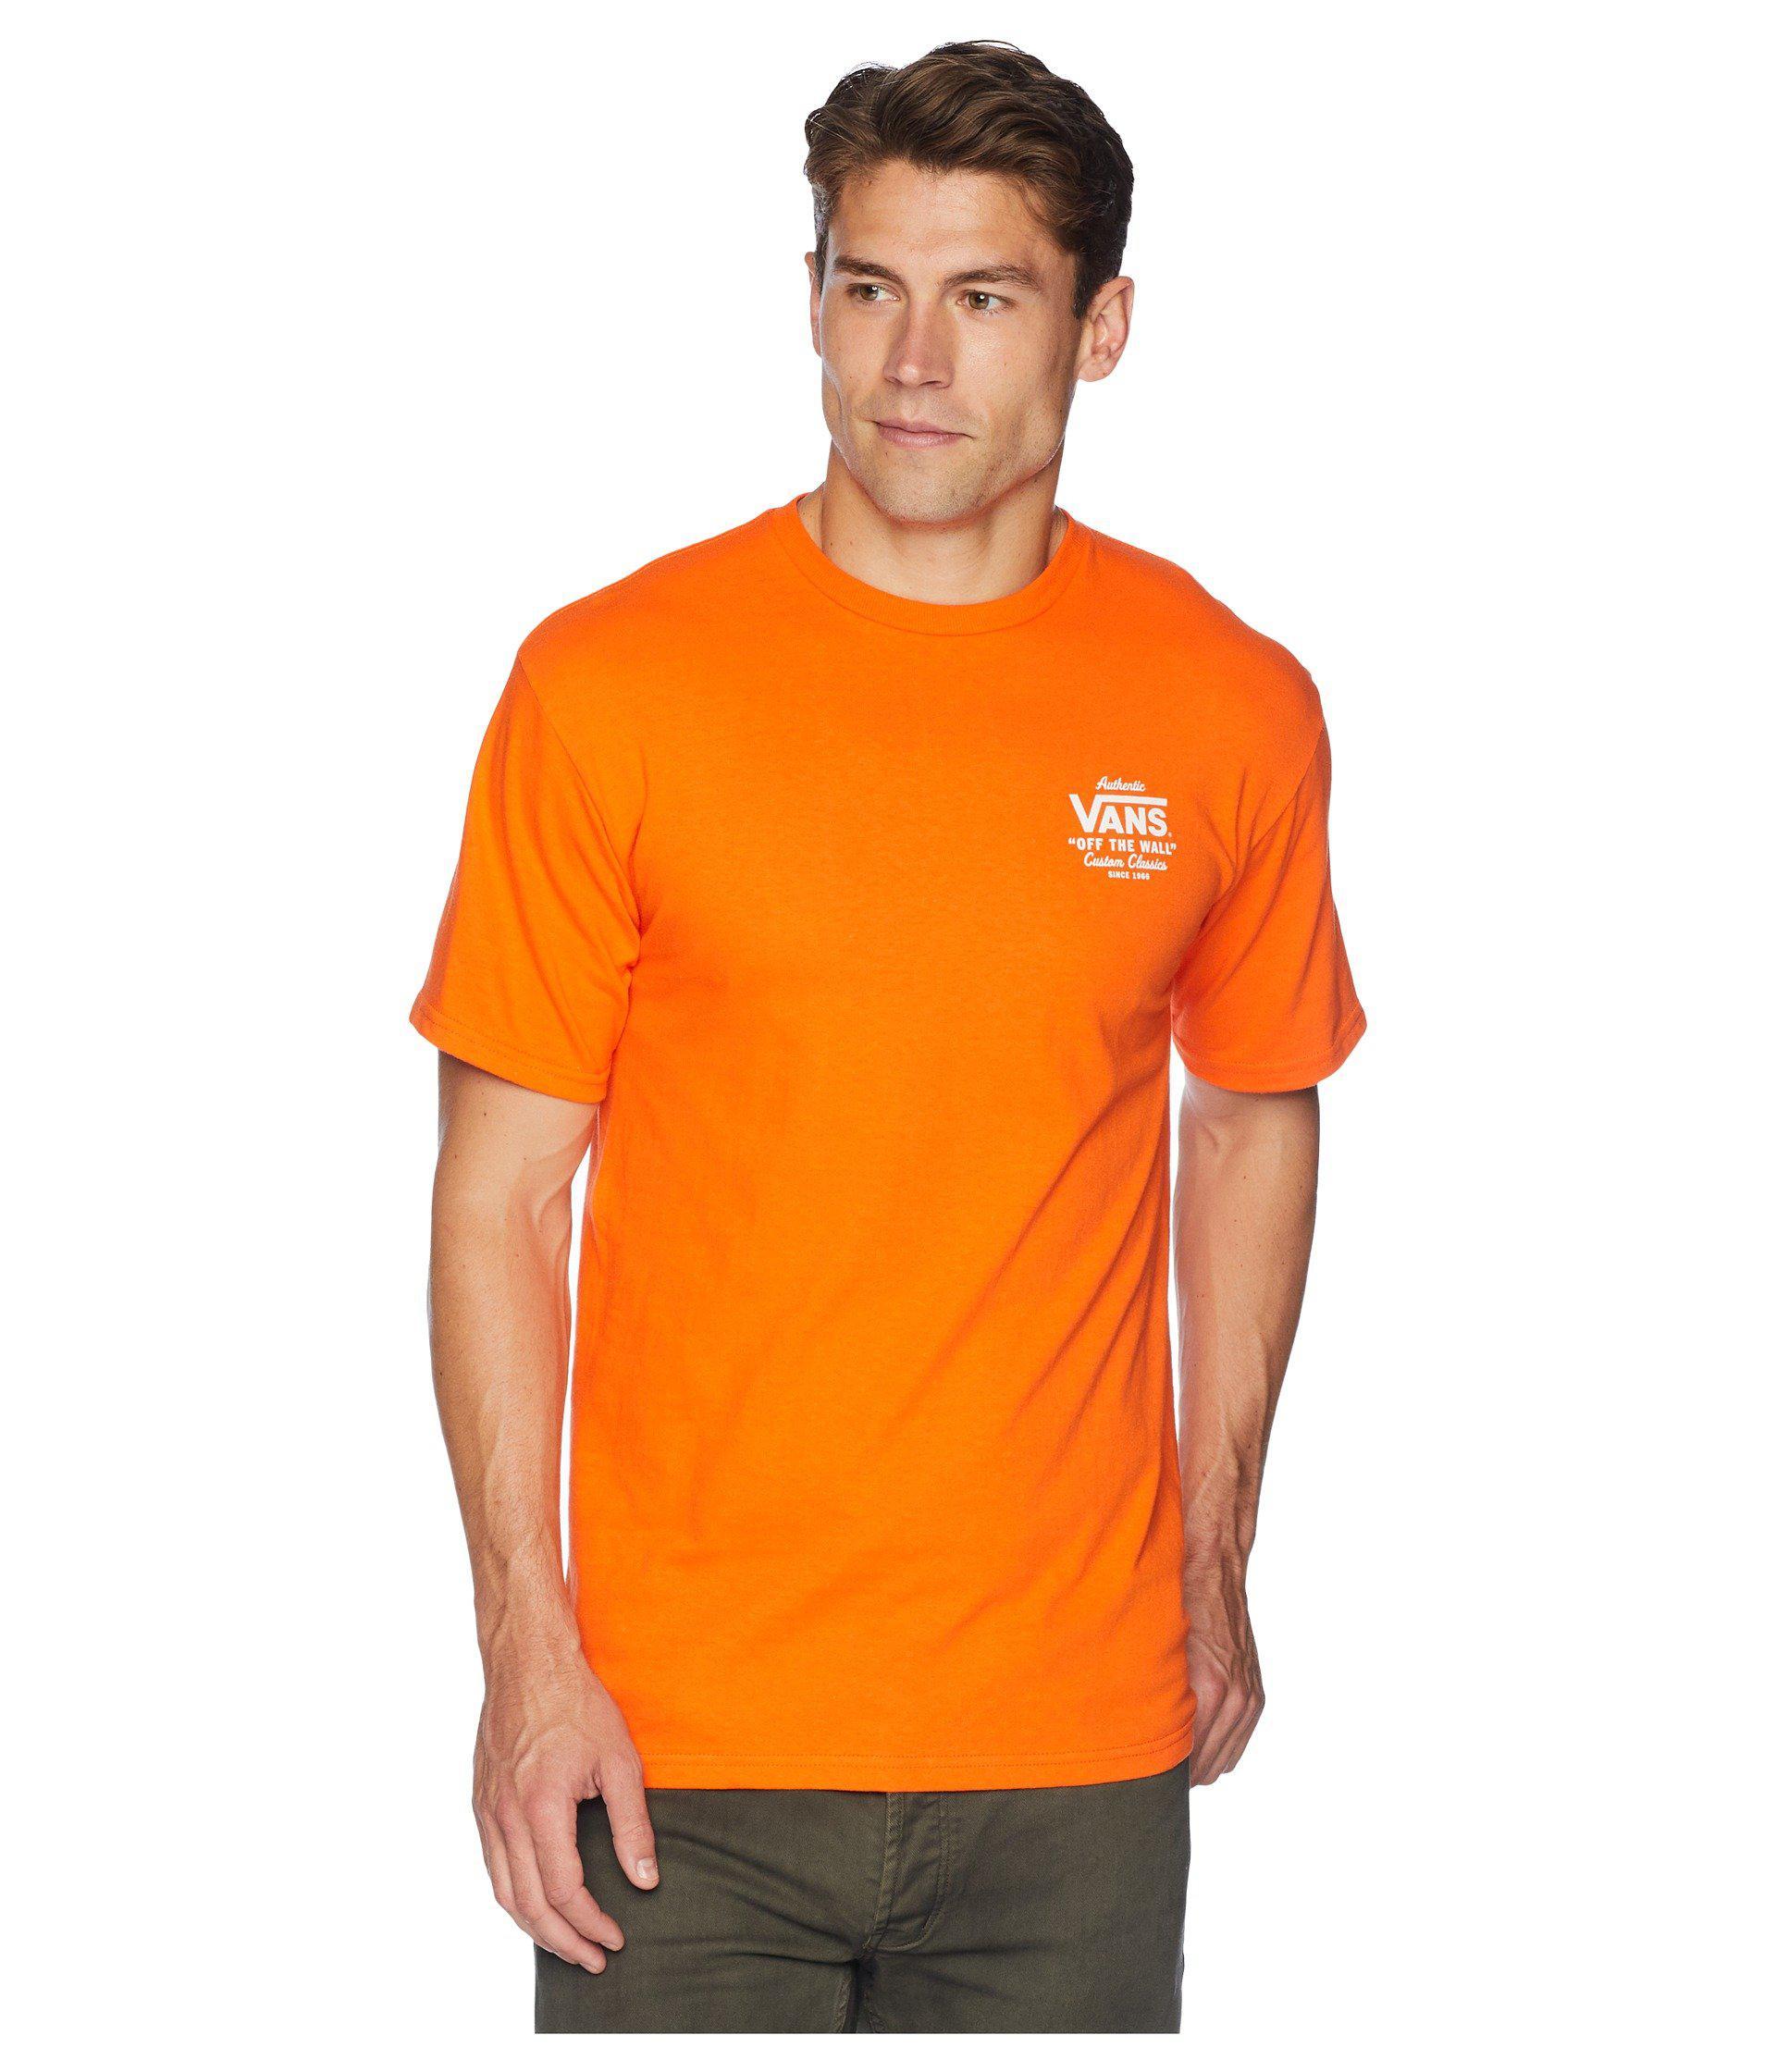 3c0c6288724676 Vans - Orange Holder St Classic T-shirt for Men - Lyst. View fullscreen